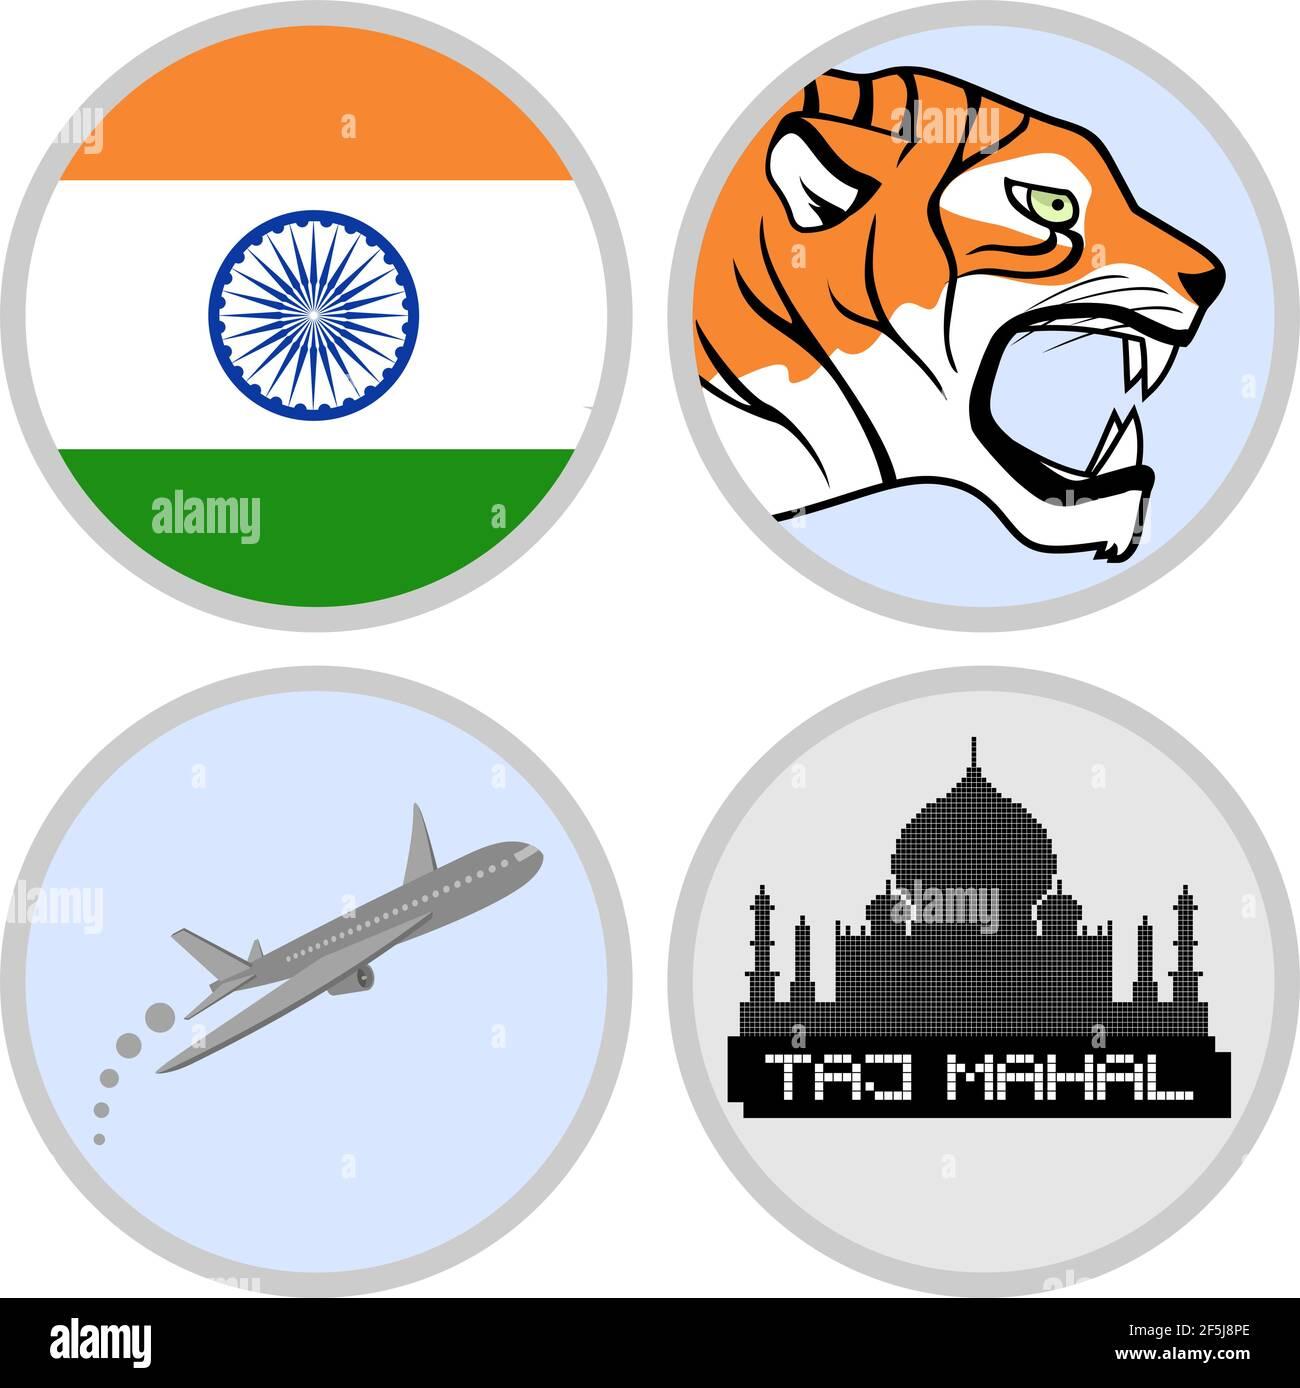 Agenzia turistica indiana Illustrazione Vettoriale